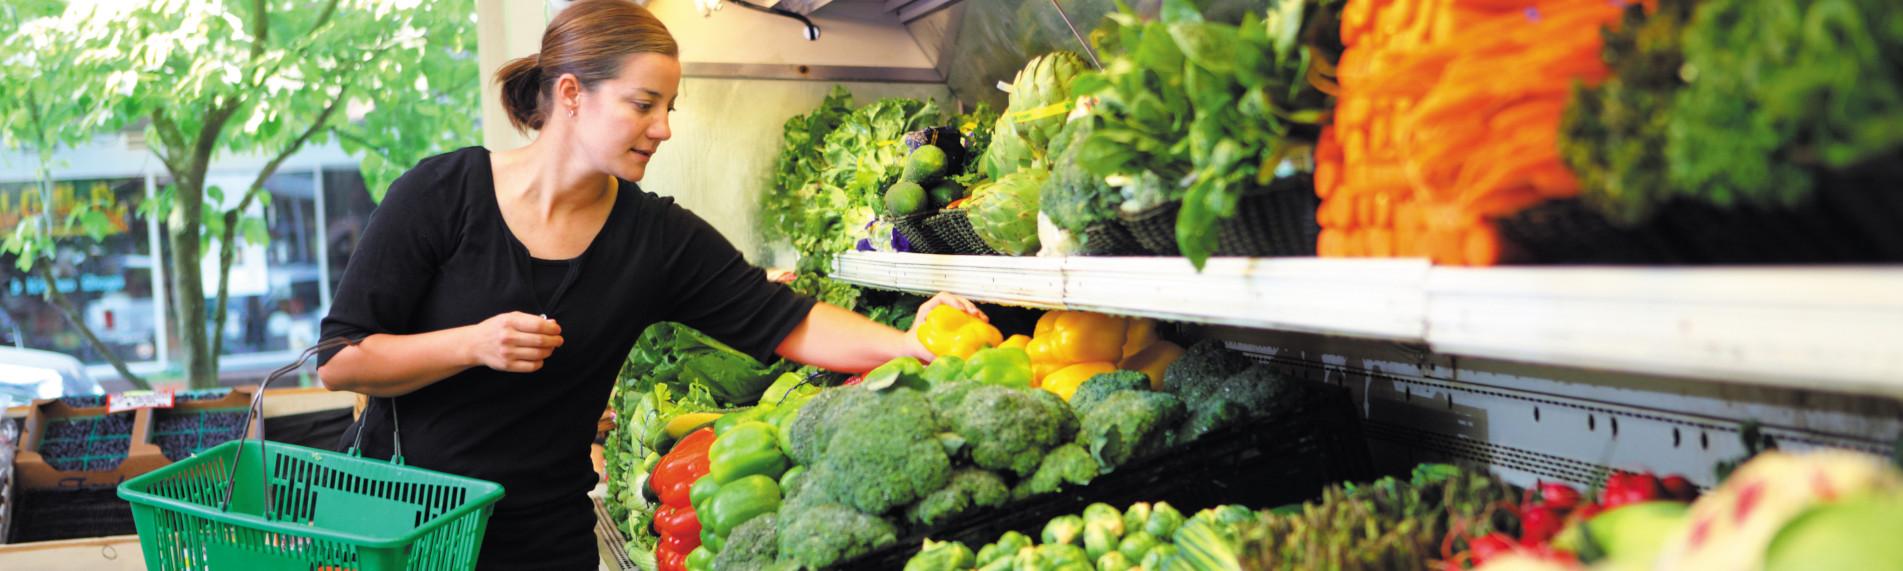 Op til 30 % mindre vægttab af frugt og grøntsager med befugtningsløsning